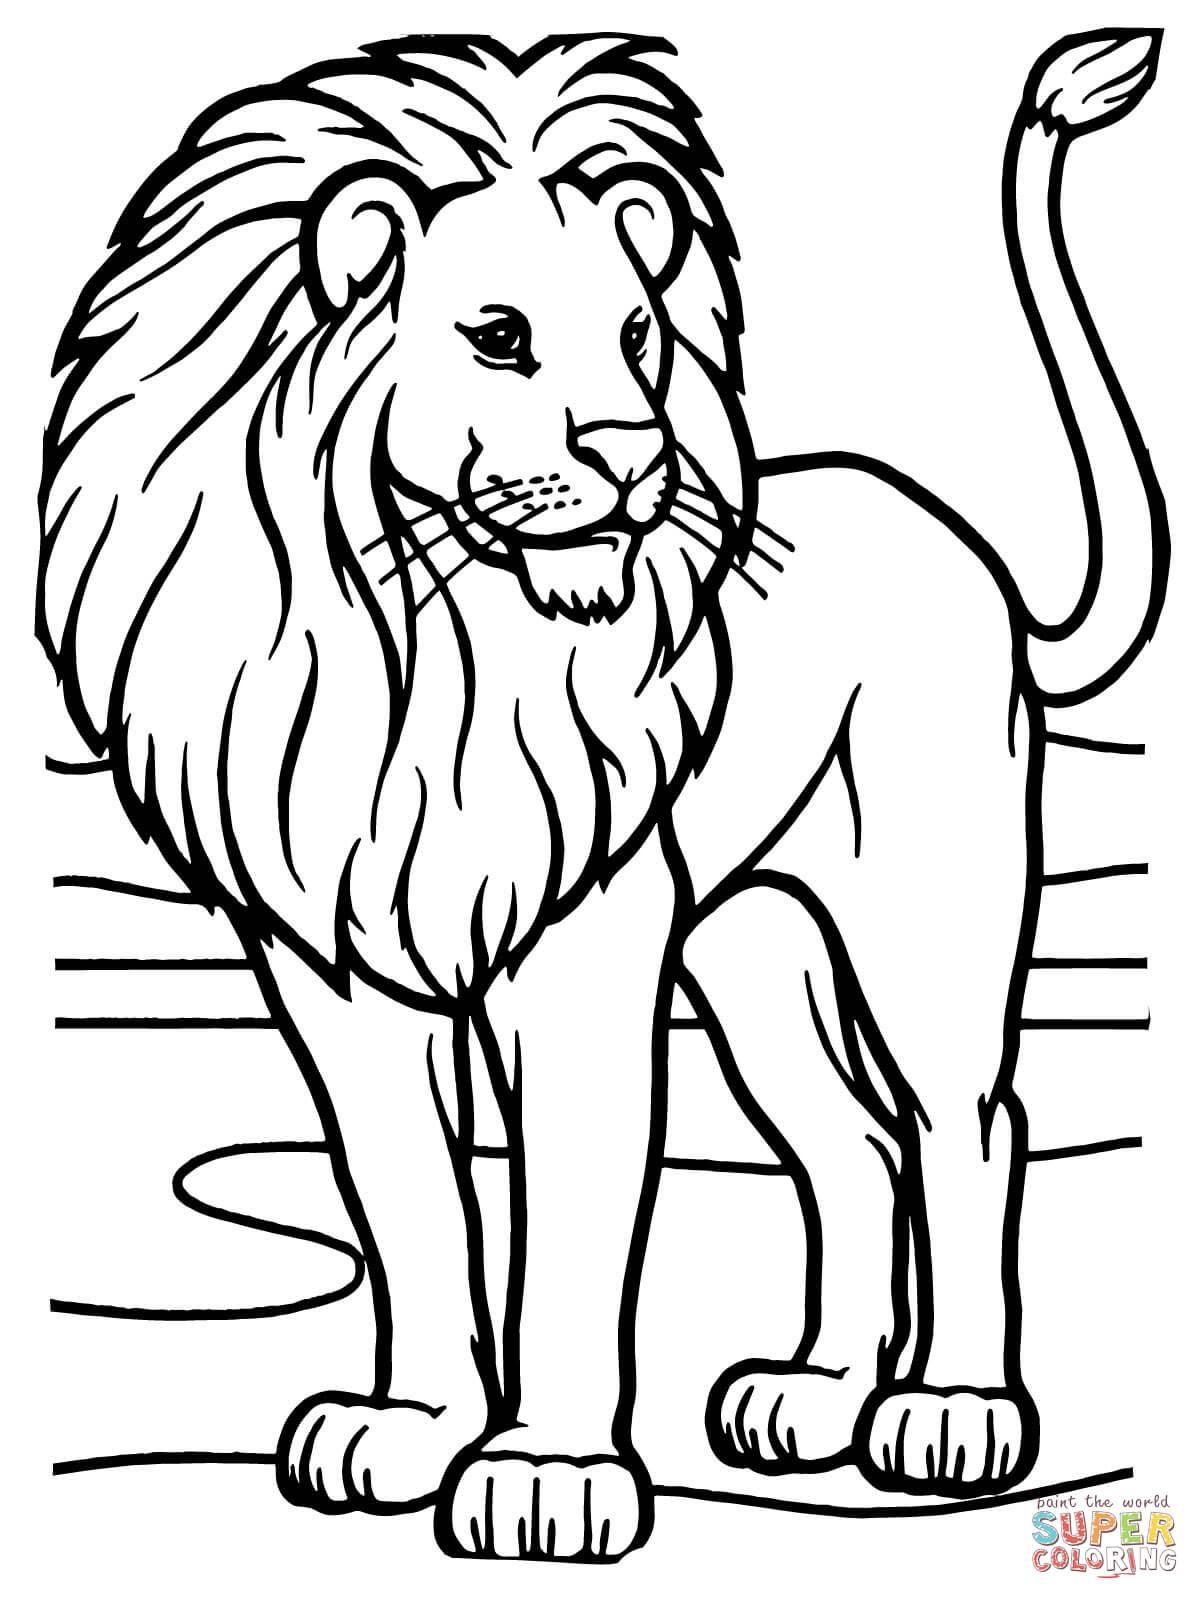 Klick das Bild König der Tiere